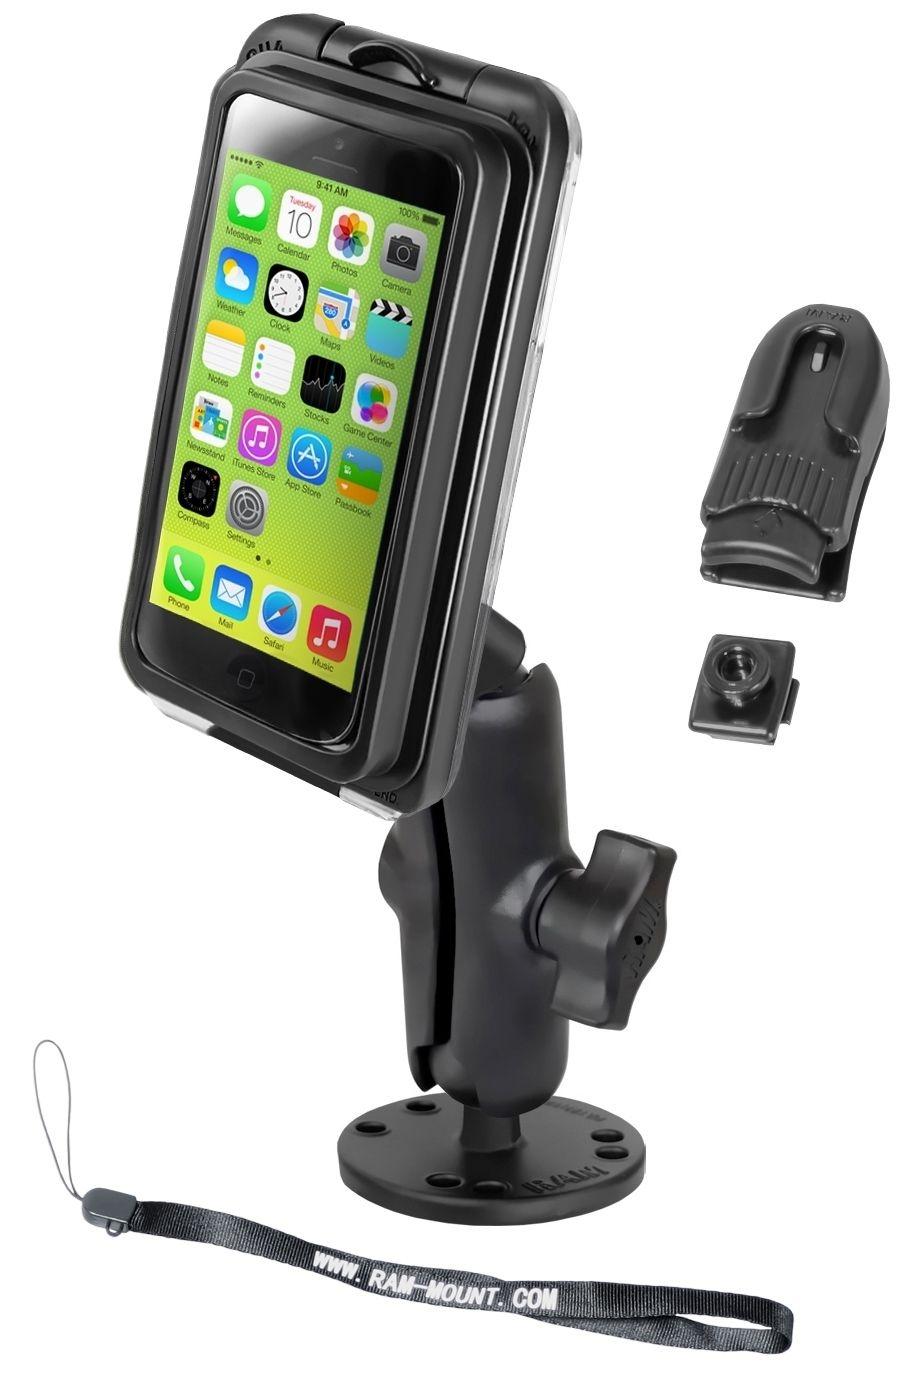 RAM Mounts Aufbau-Halterung mit Aqua Box PRO 20 für Apple iPhone 5 - runde Basisplatte, mittlerer Verbindungsarm, B-Kugel (1 Zoll), Gürtel-Clip, Handschlaufe